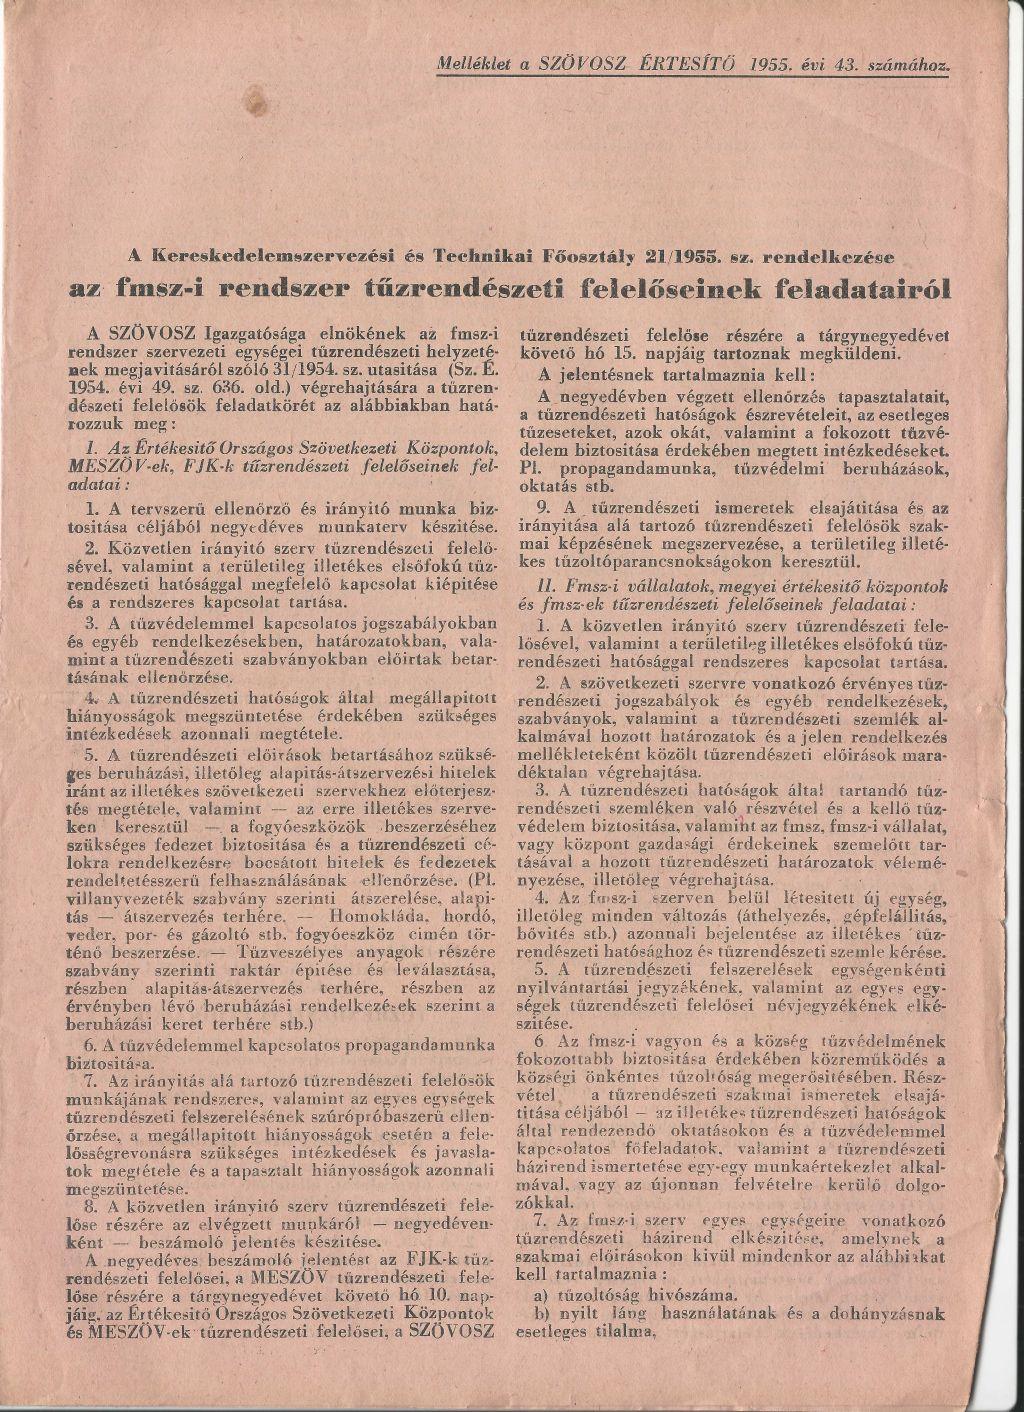 Melléklet a SZÖVOSZ értesítő 1955. évi 43. számához